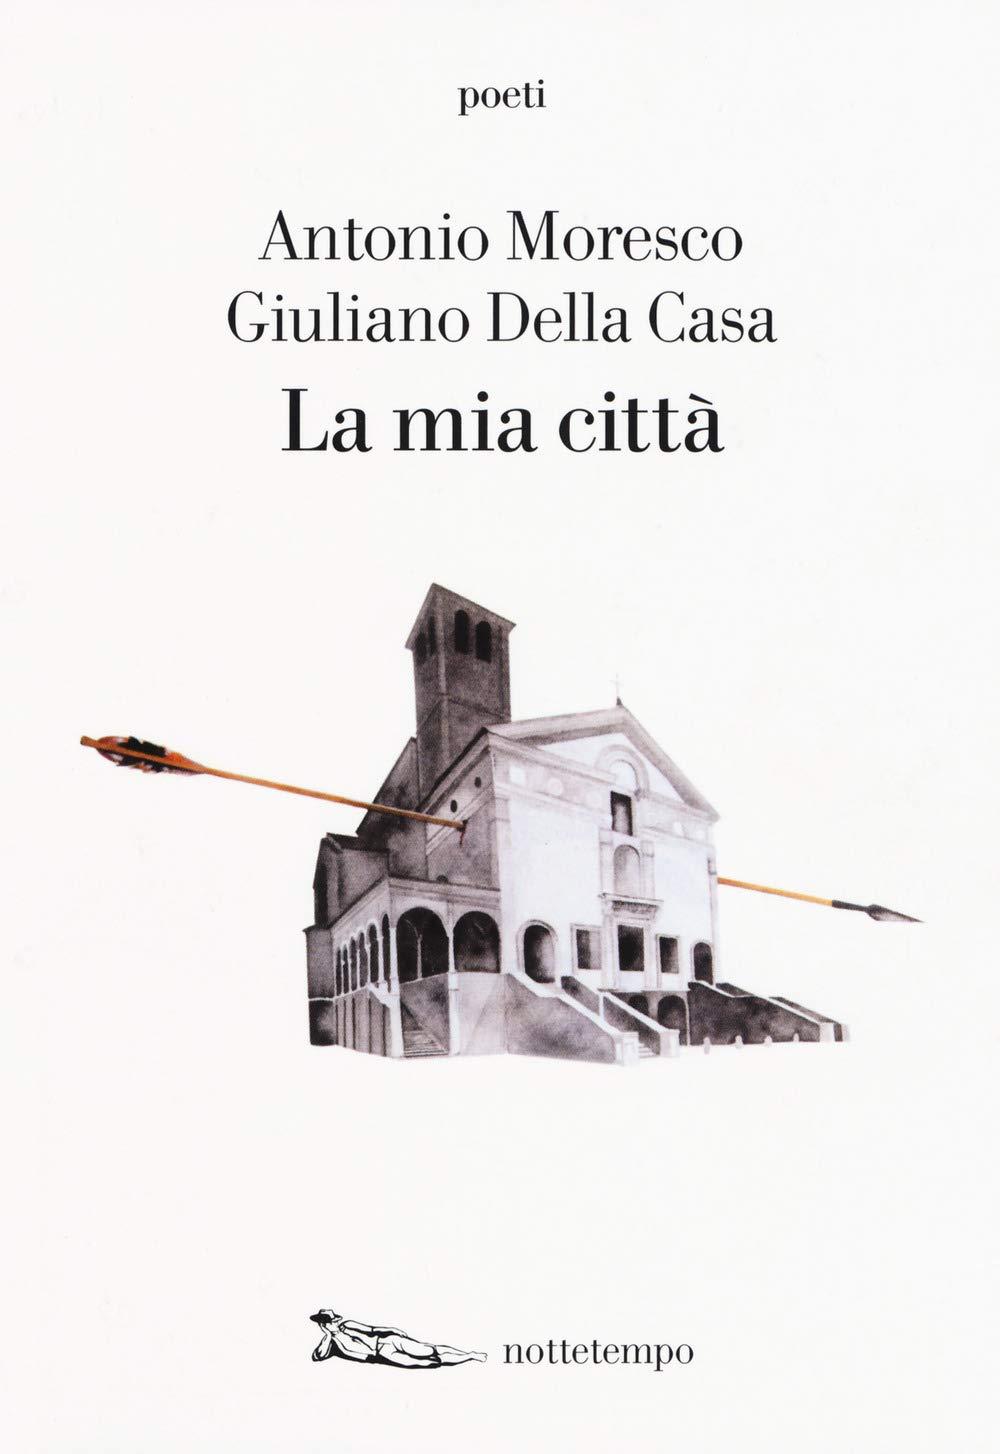 Antonio Moresco & Giuliano Della Casa – La mia città – Nottetempo